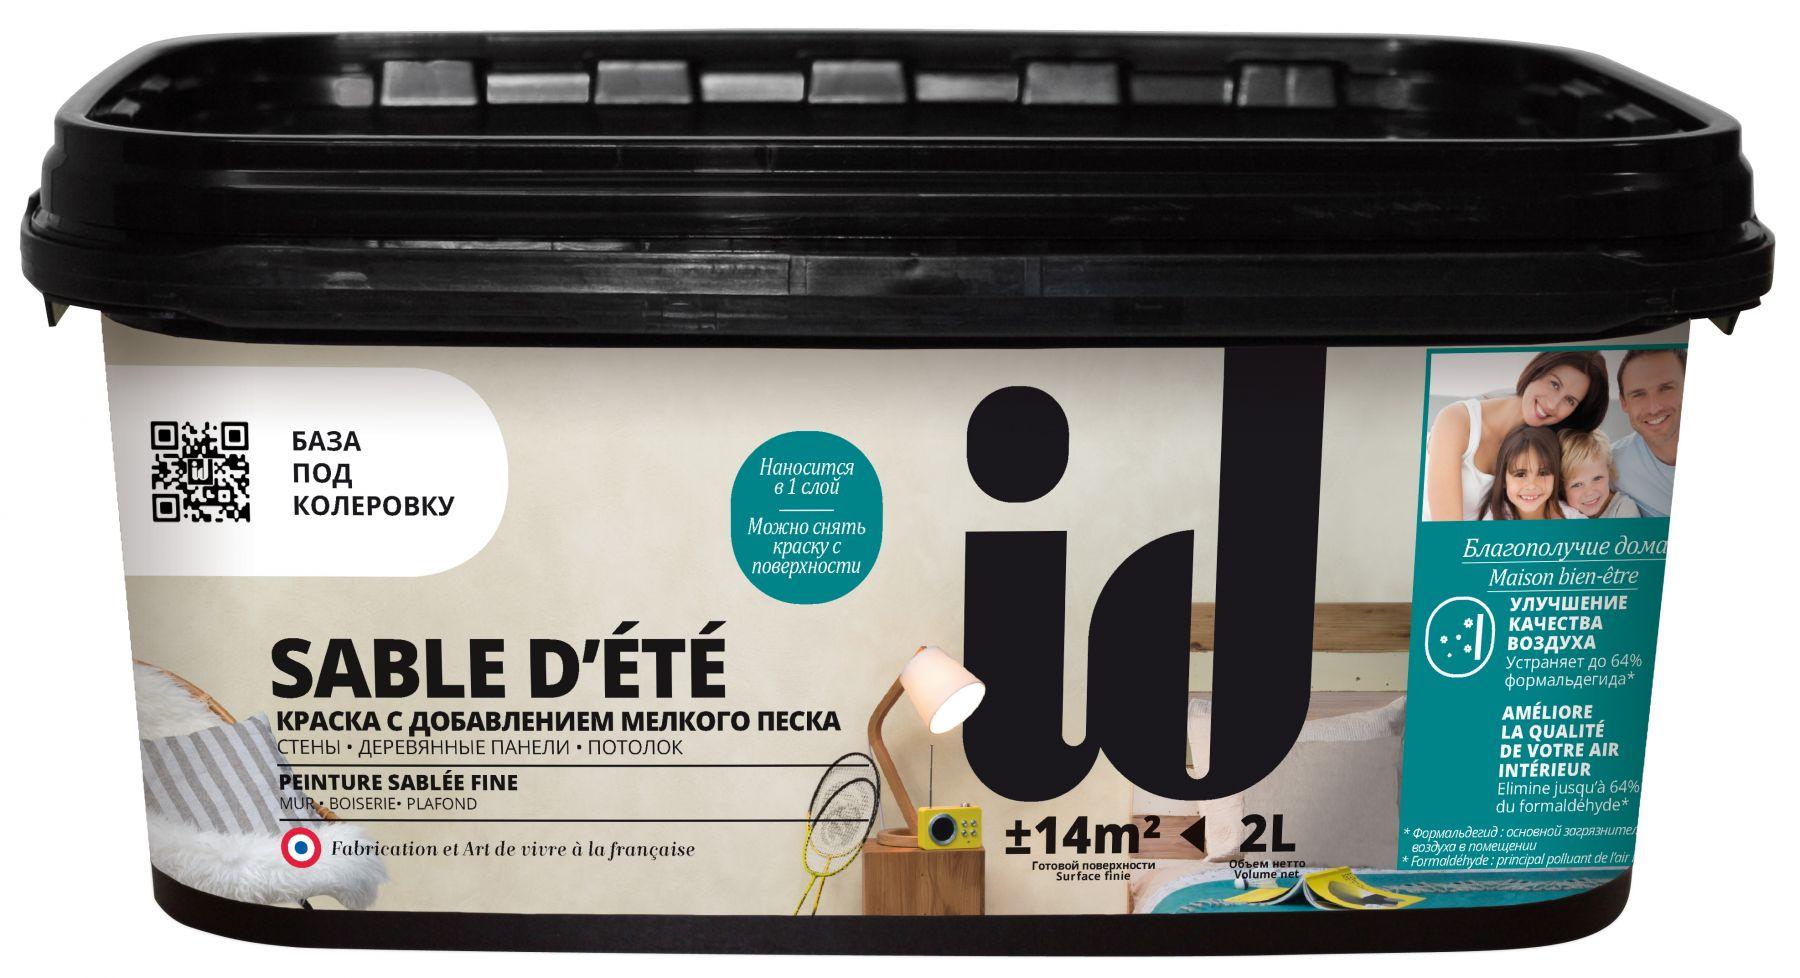 Матовая краска с песком Sable d'Ete 2л ID0002